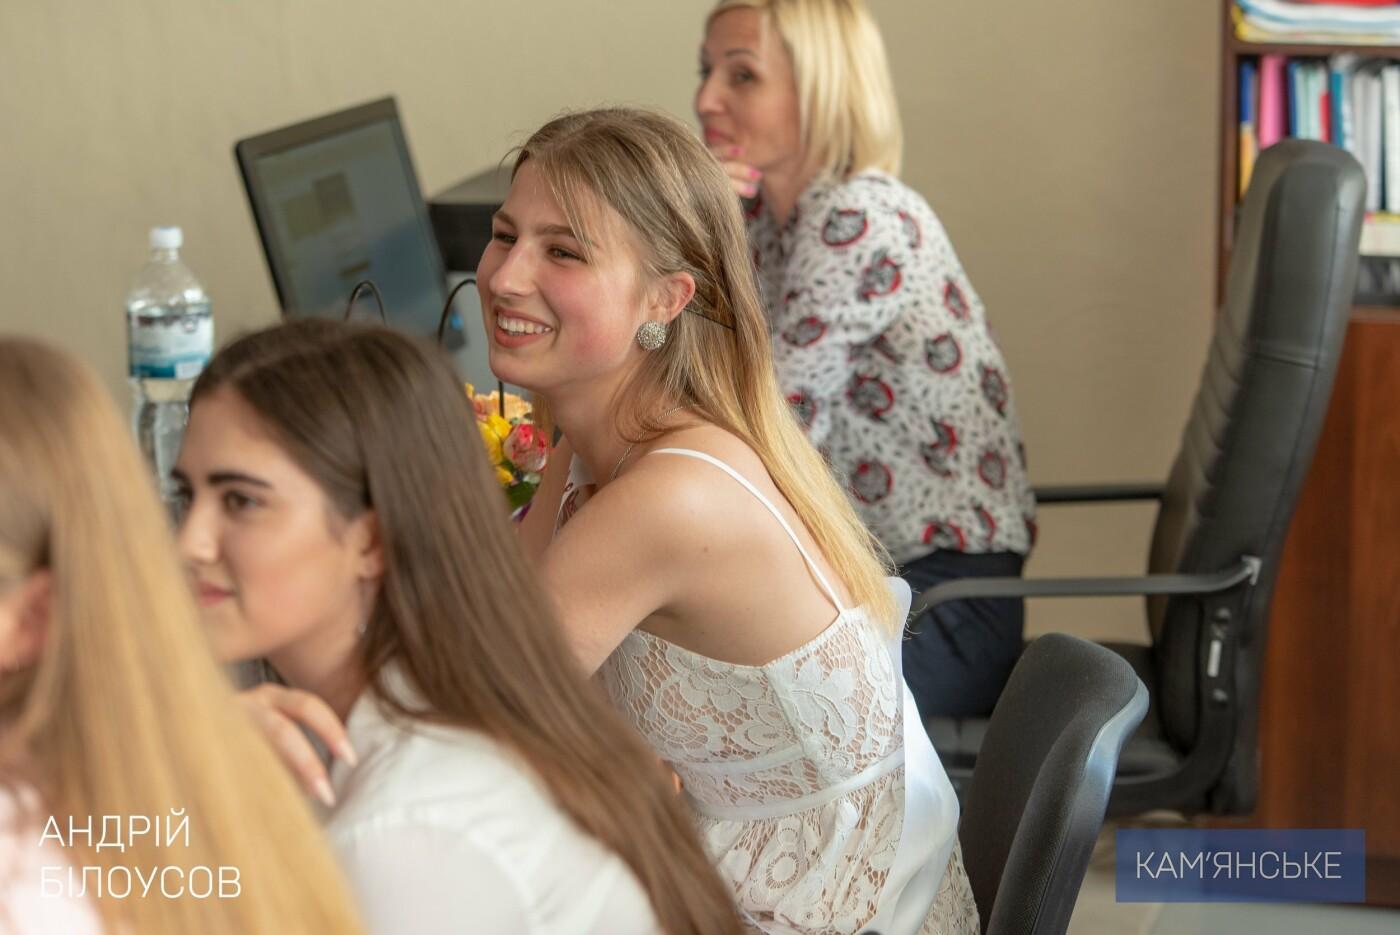 Выпускникам ДЮСШ №4 вручили свидетельства об окончании спортшколы, фото-4